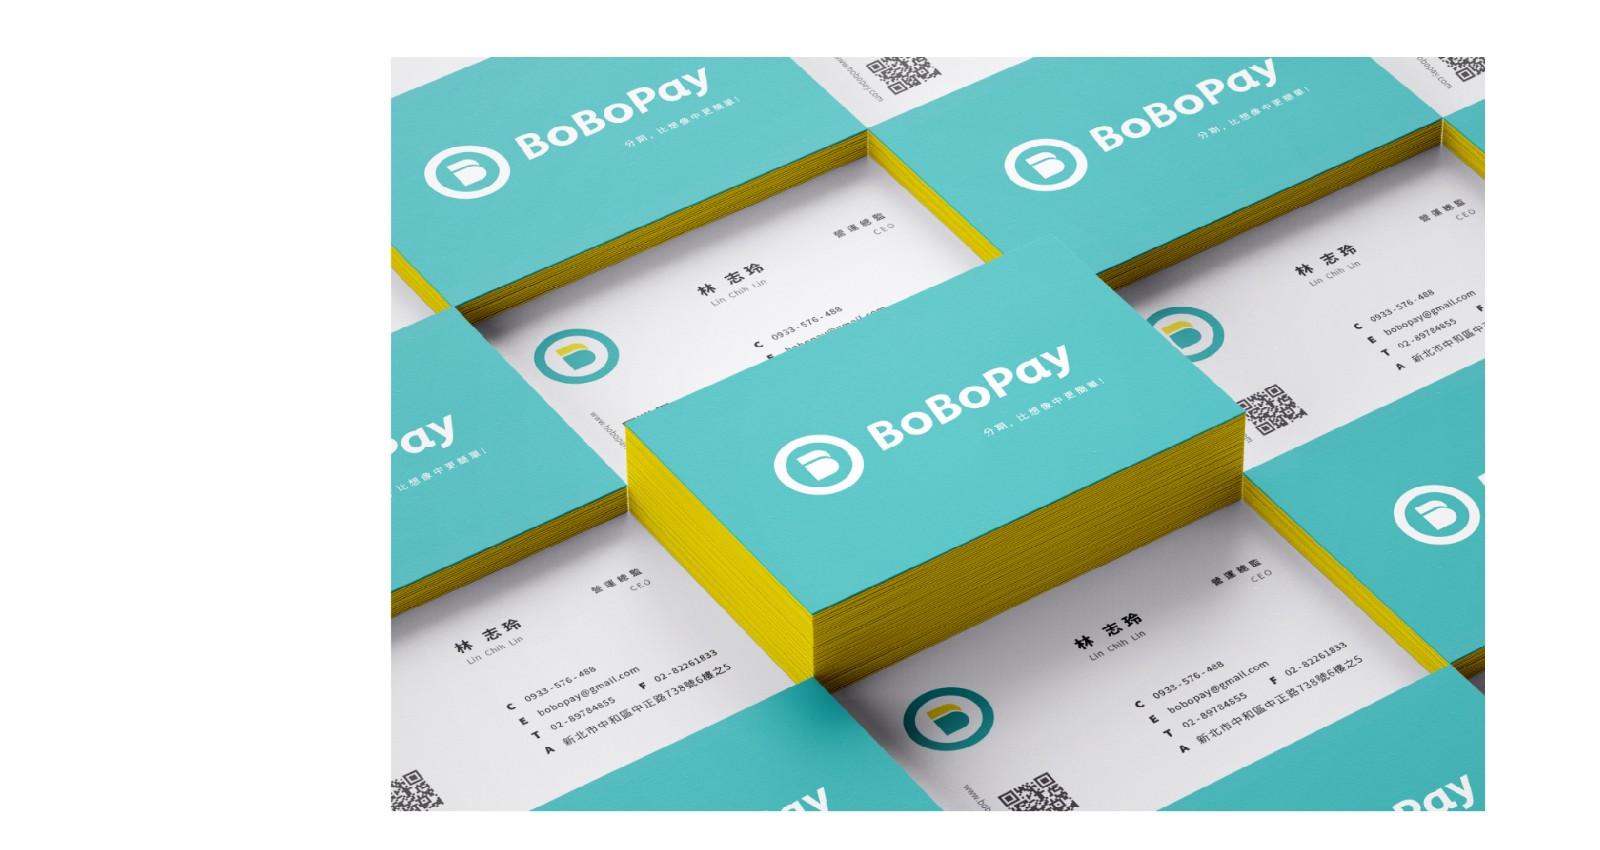 bobopay品牌企業識別系統-BoBoPay 分期,比想像中更簡單!     以『分期』為核心,將品牌字首的B圖像化,由一個單元分裂成兩個單元,直覺式的傳達分期概念。整體識別上以年輕、現代、生活為主要元素。標準字採用斜體,整體線條更為纖瘦活潑,強調服務的快速與輕盈。 | 甘樂文創 | 甘之如飴,樂在其中